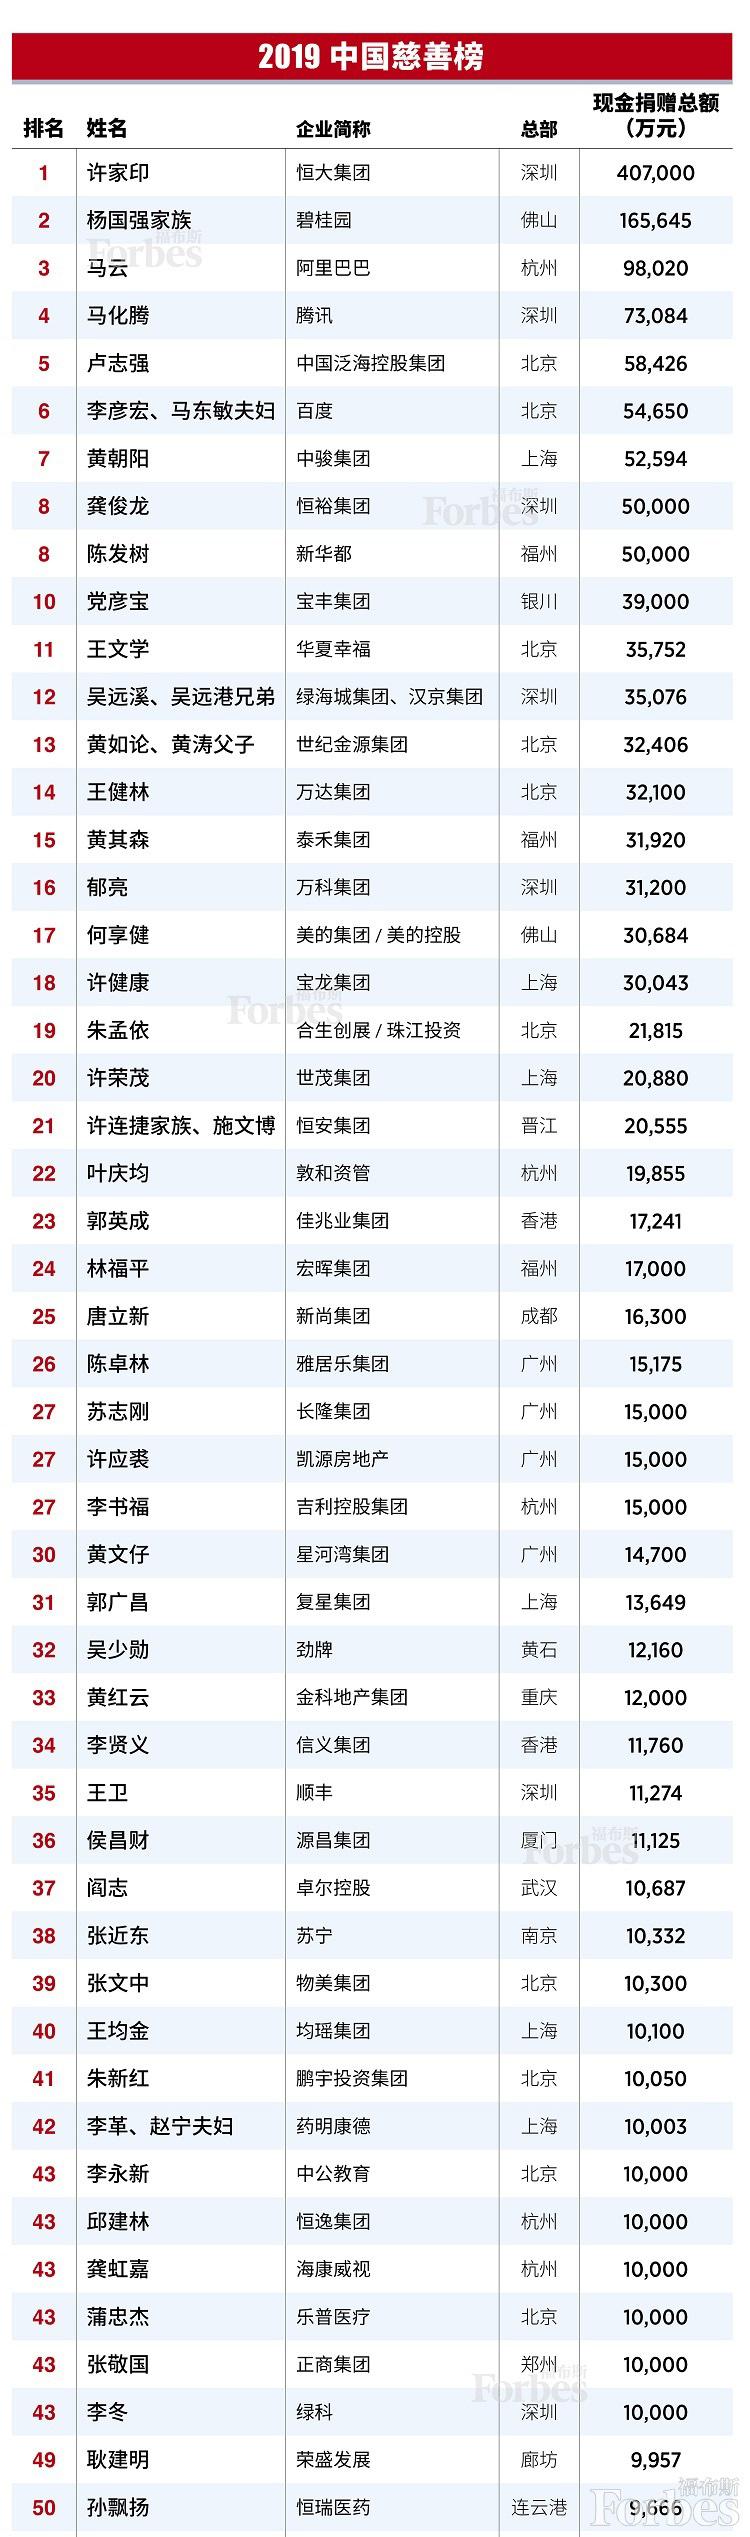 福布斯中国发布2019中国慈善榜